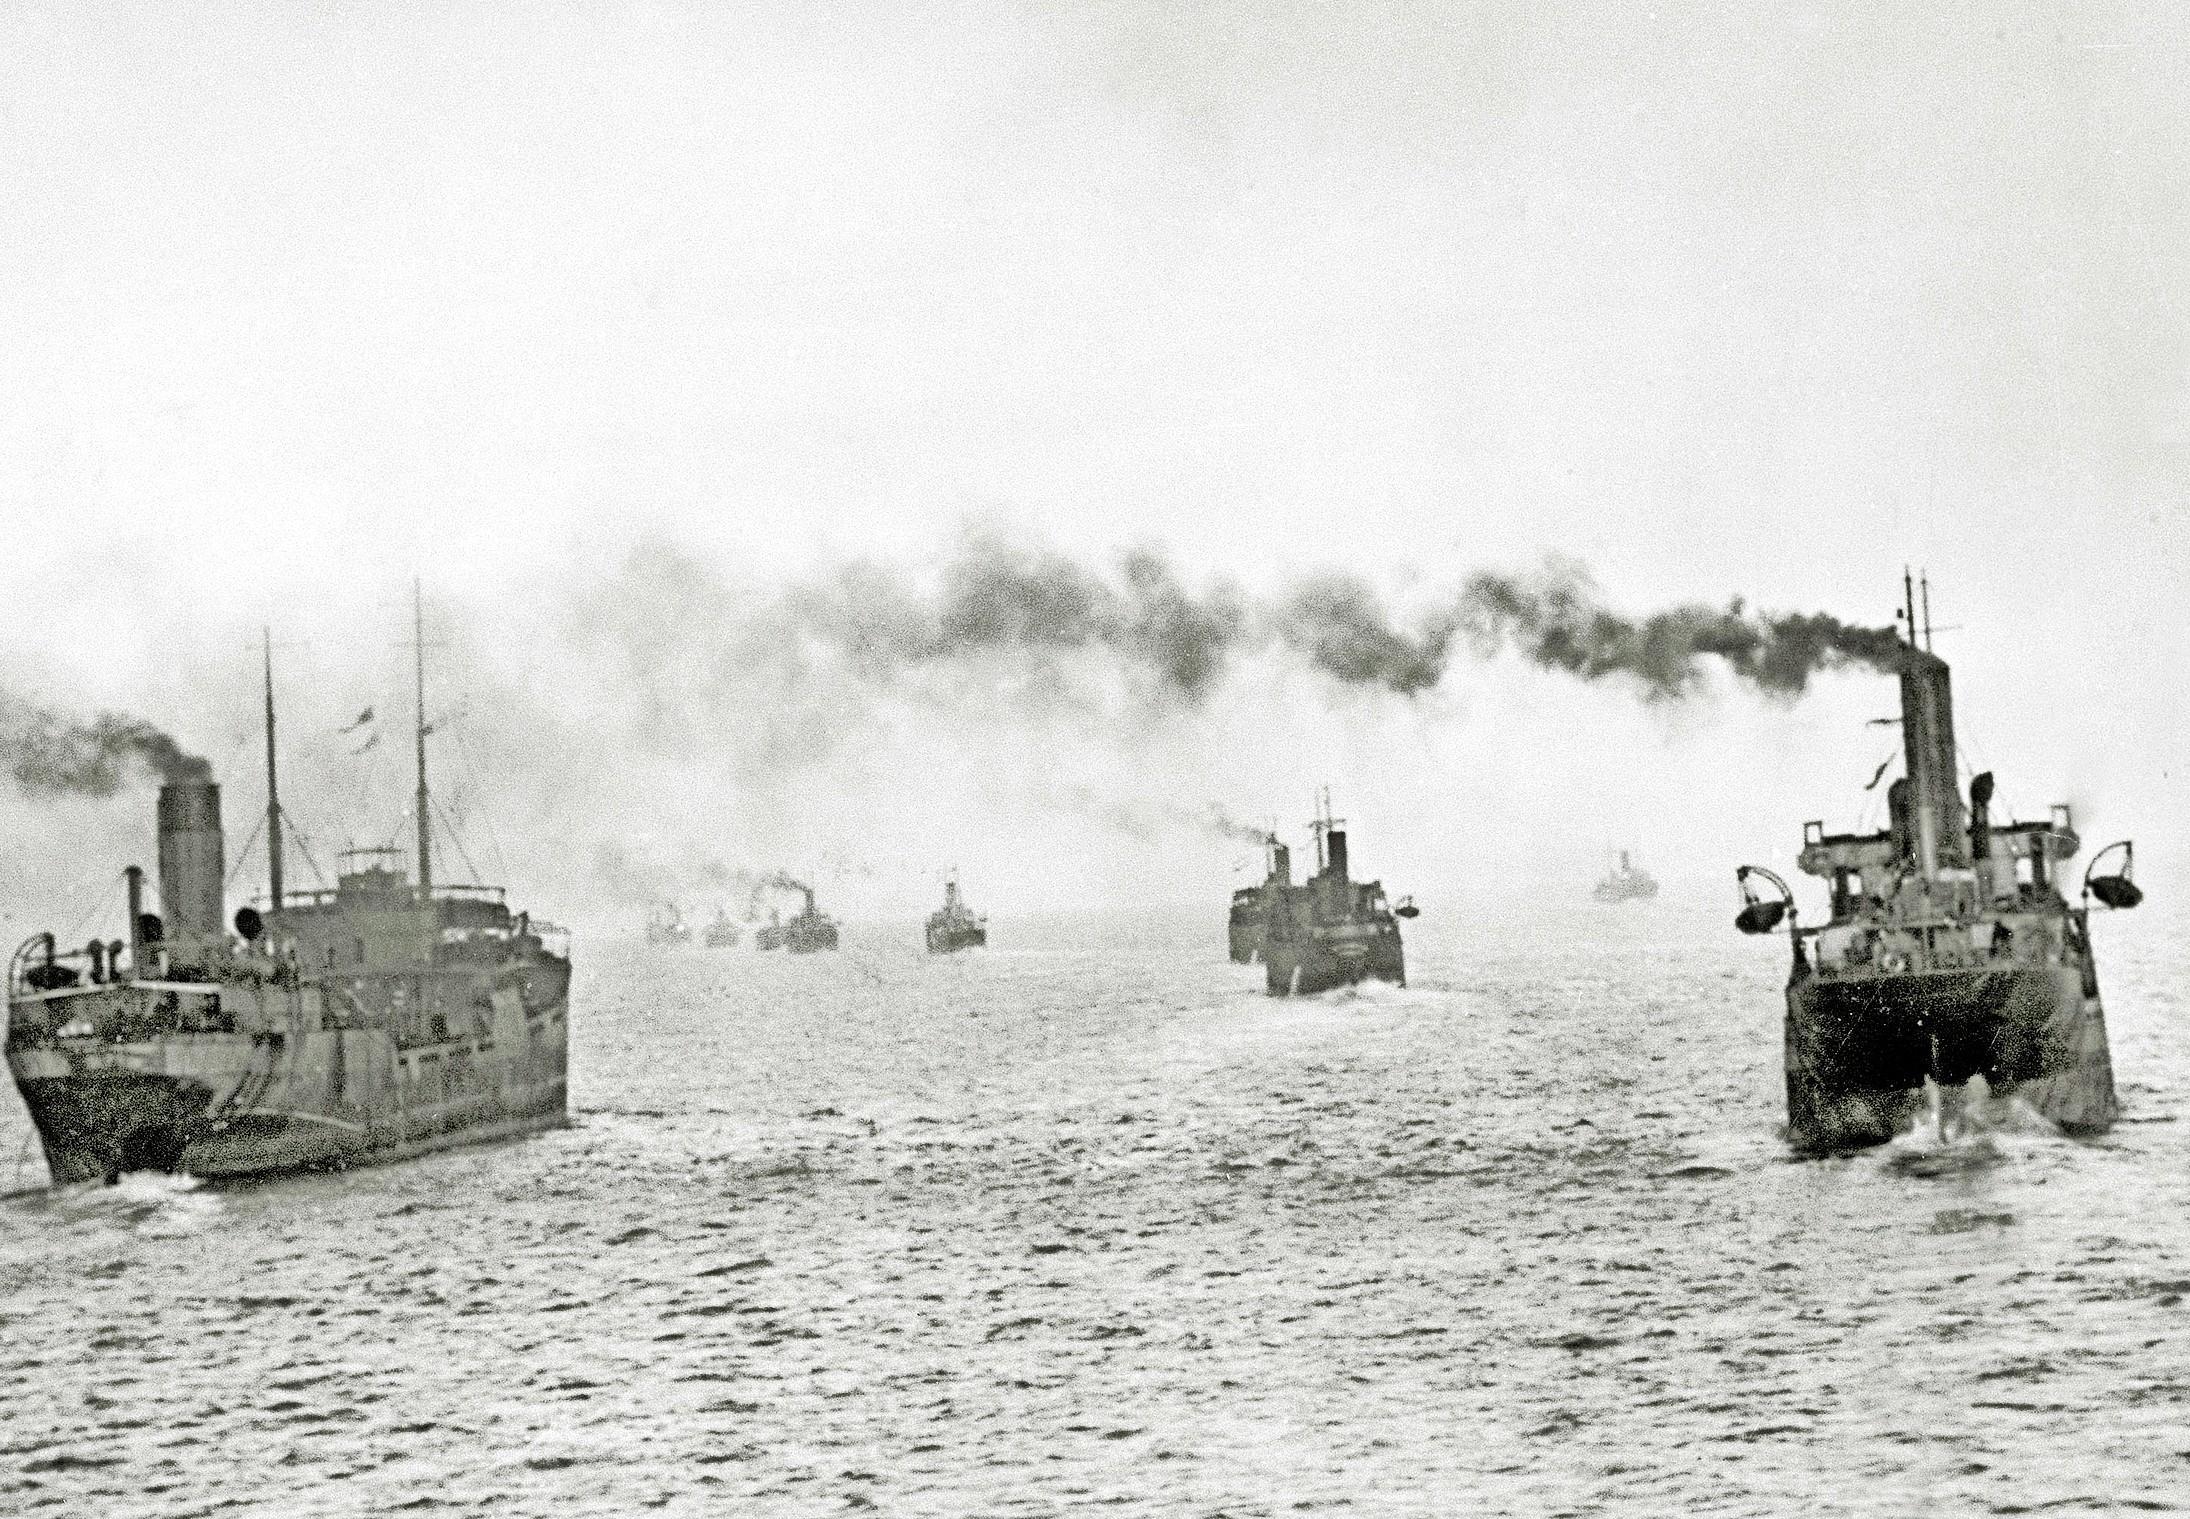 Ook zeelieden uit Waterland waren onze bevrijders. Met acht niet teruggekeerde zeelieden bracht Marken het grootste offer